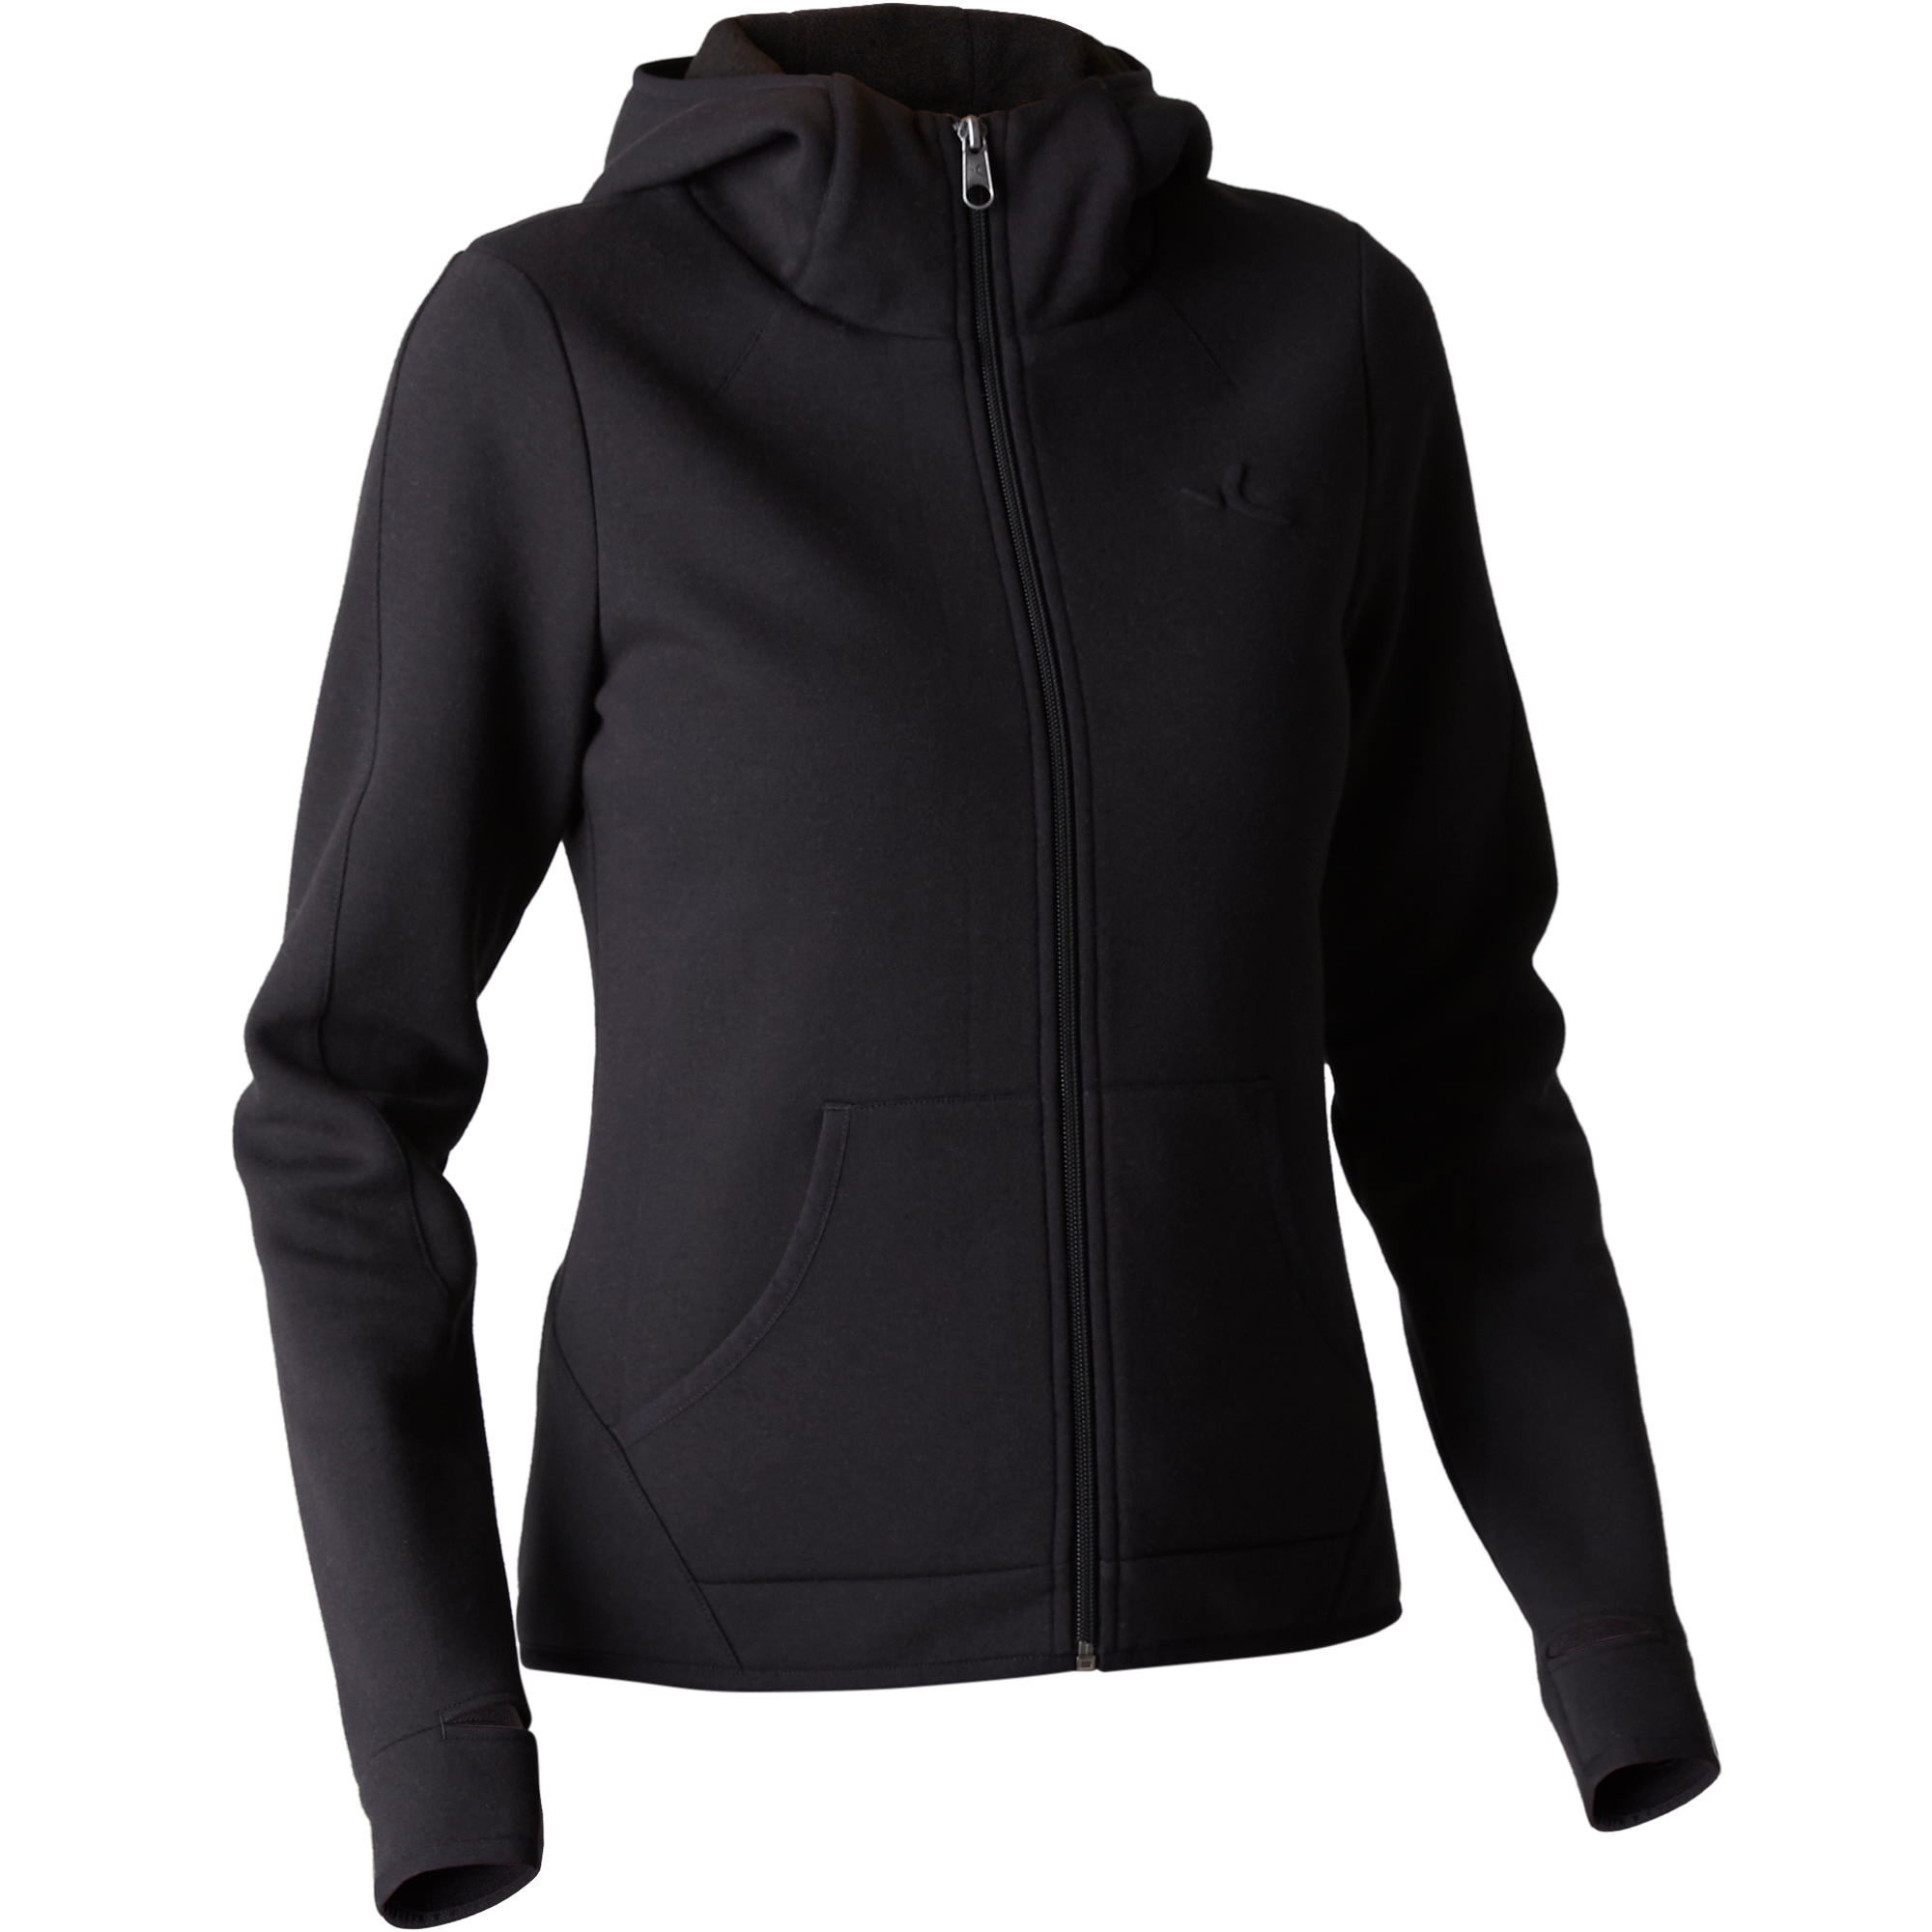 Veste 900 capuchon gymnastique d'étirements femme noir